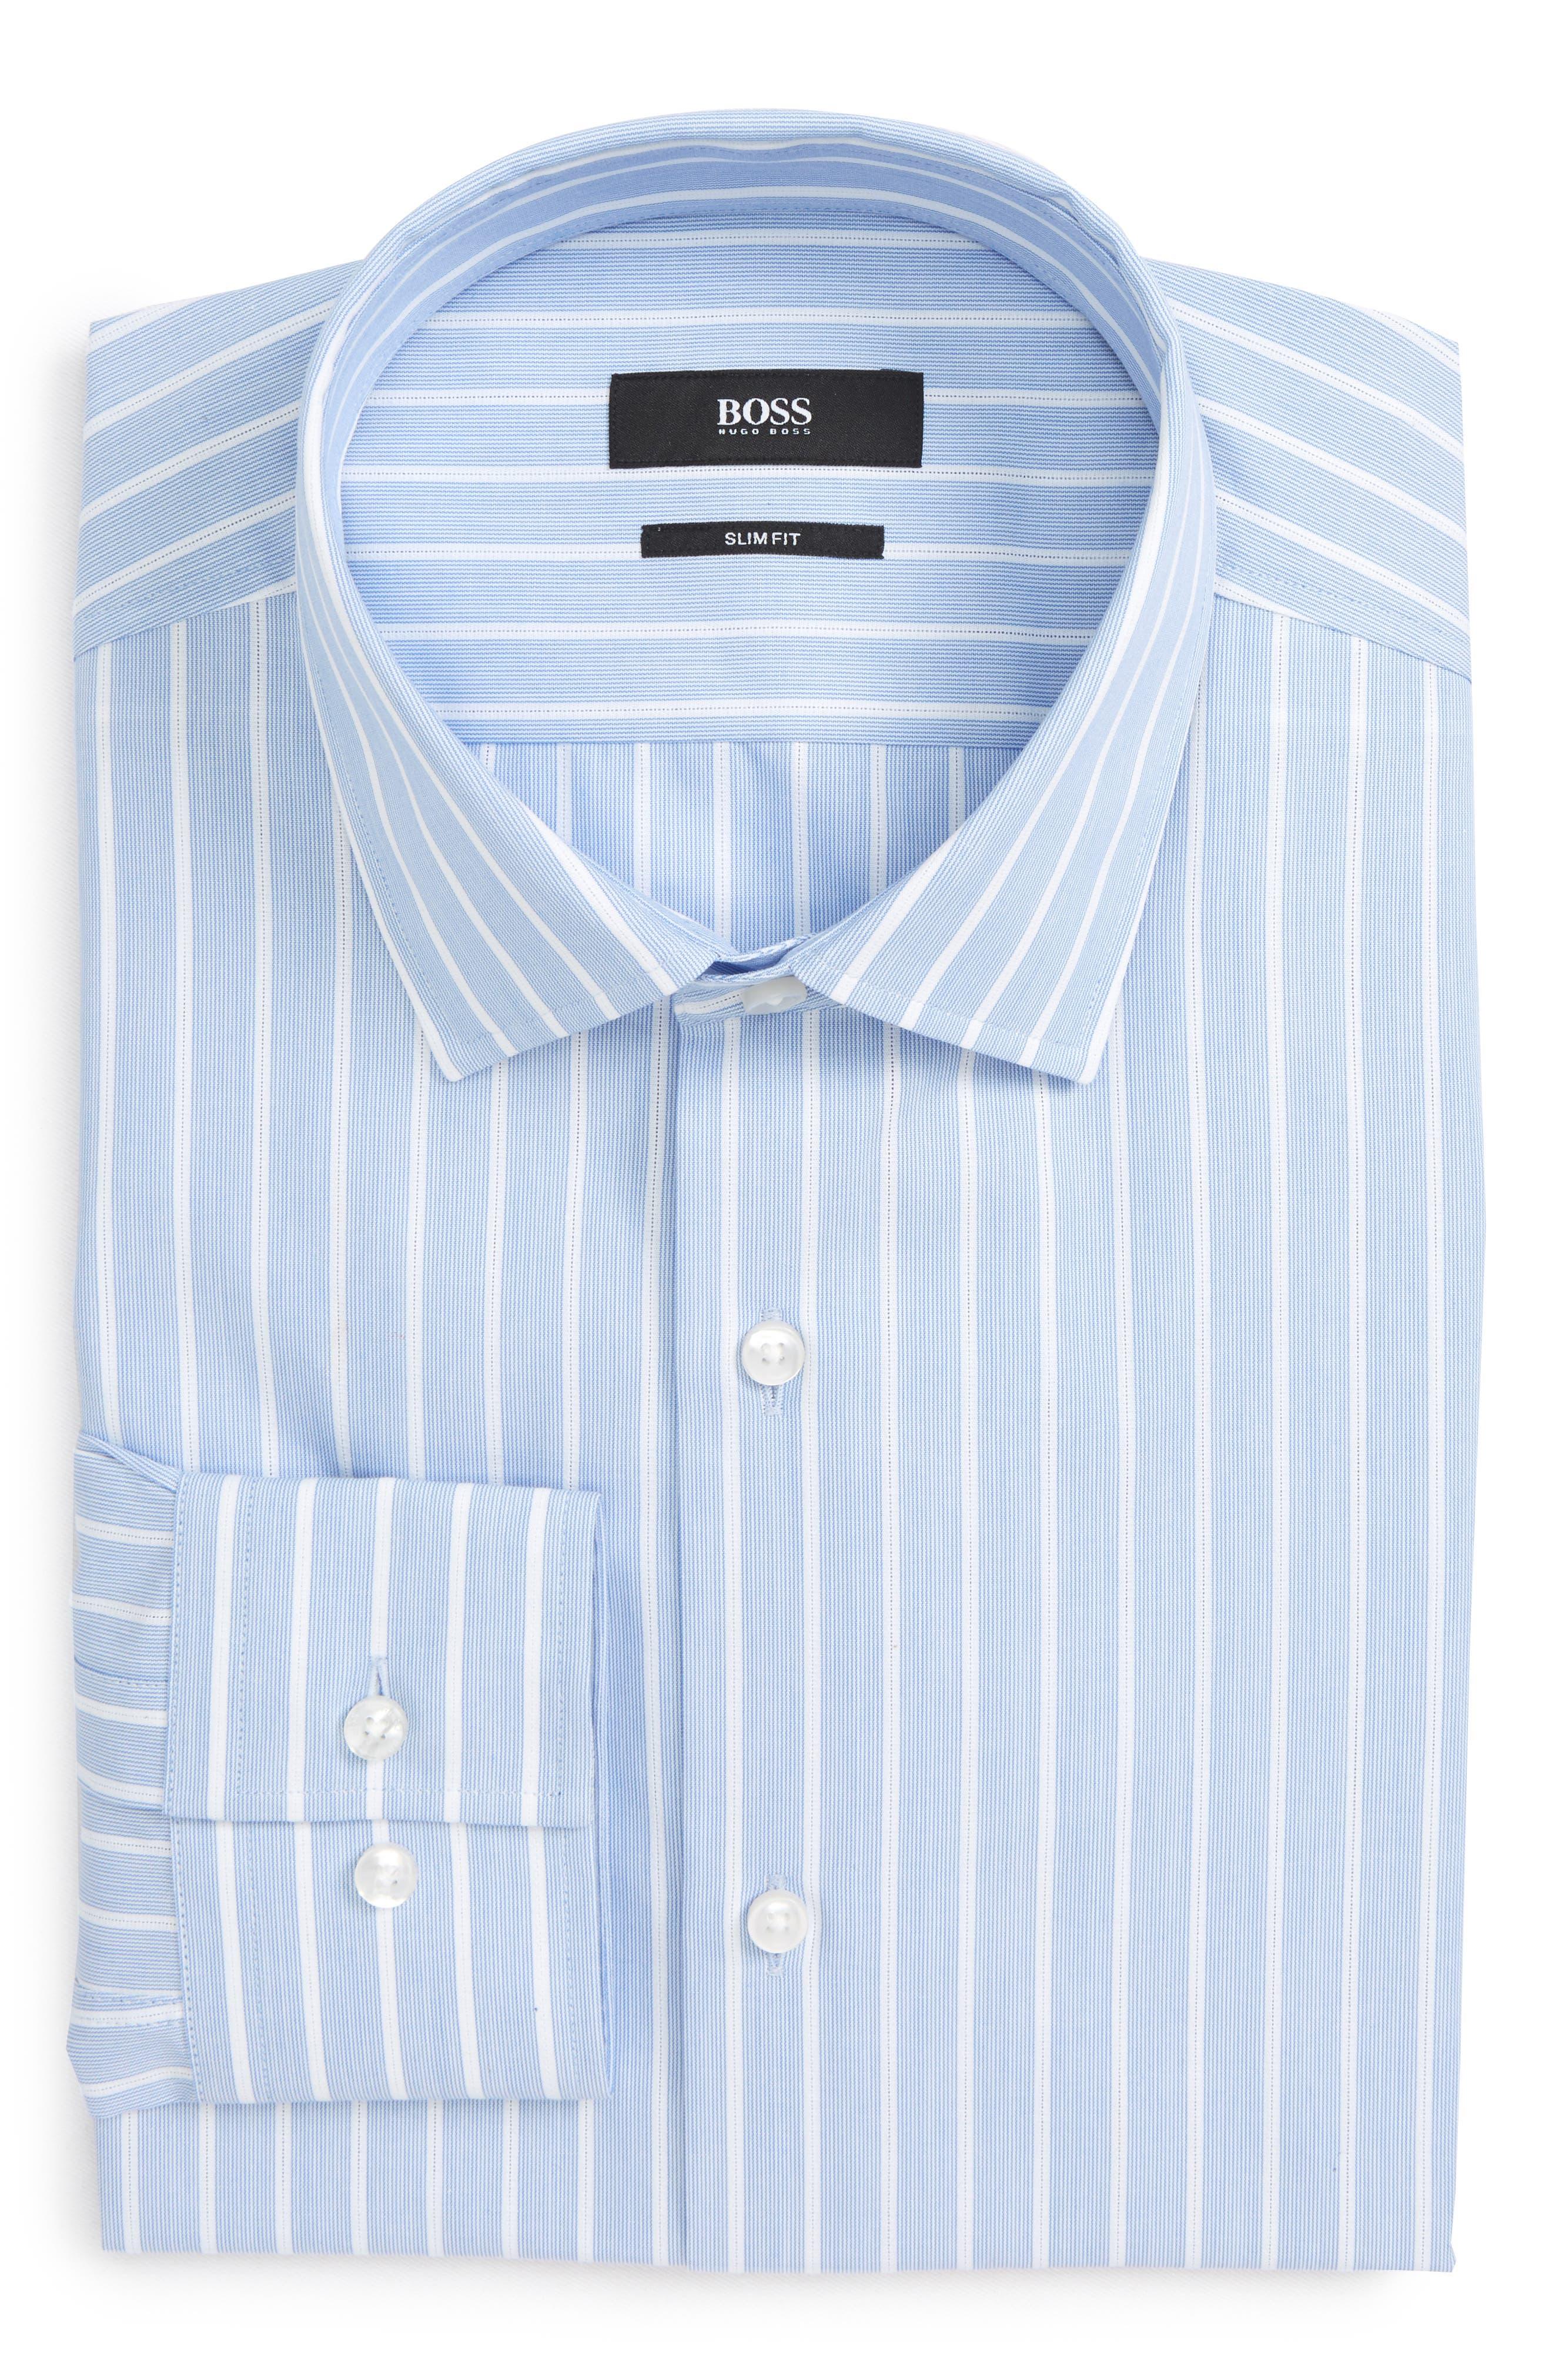 Jenno Slim Fit Stripe Dress Shirt,                             Alternate thumbnail 6, color,                             Blue